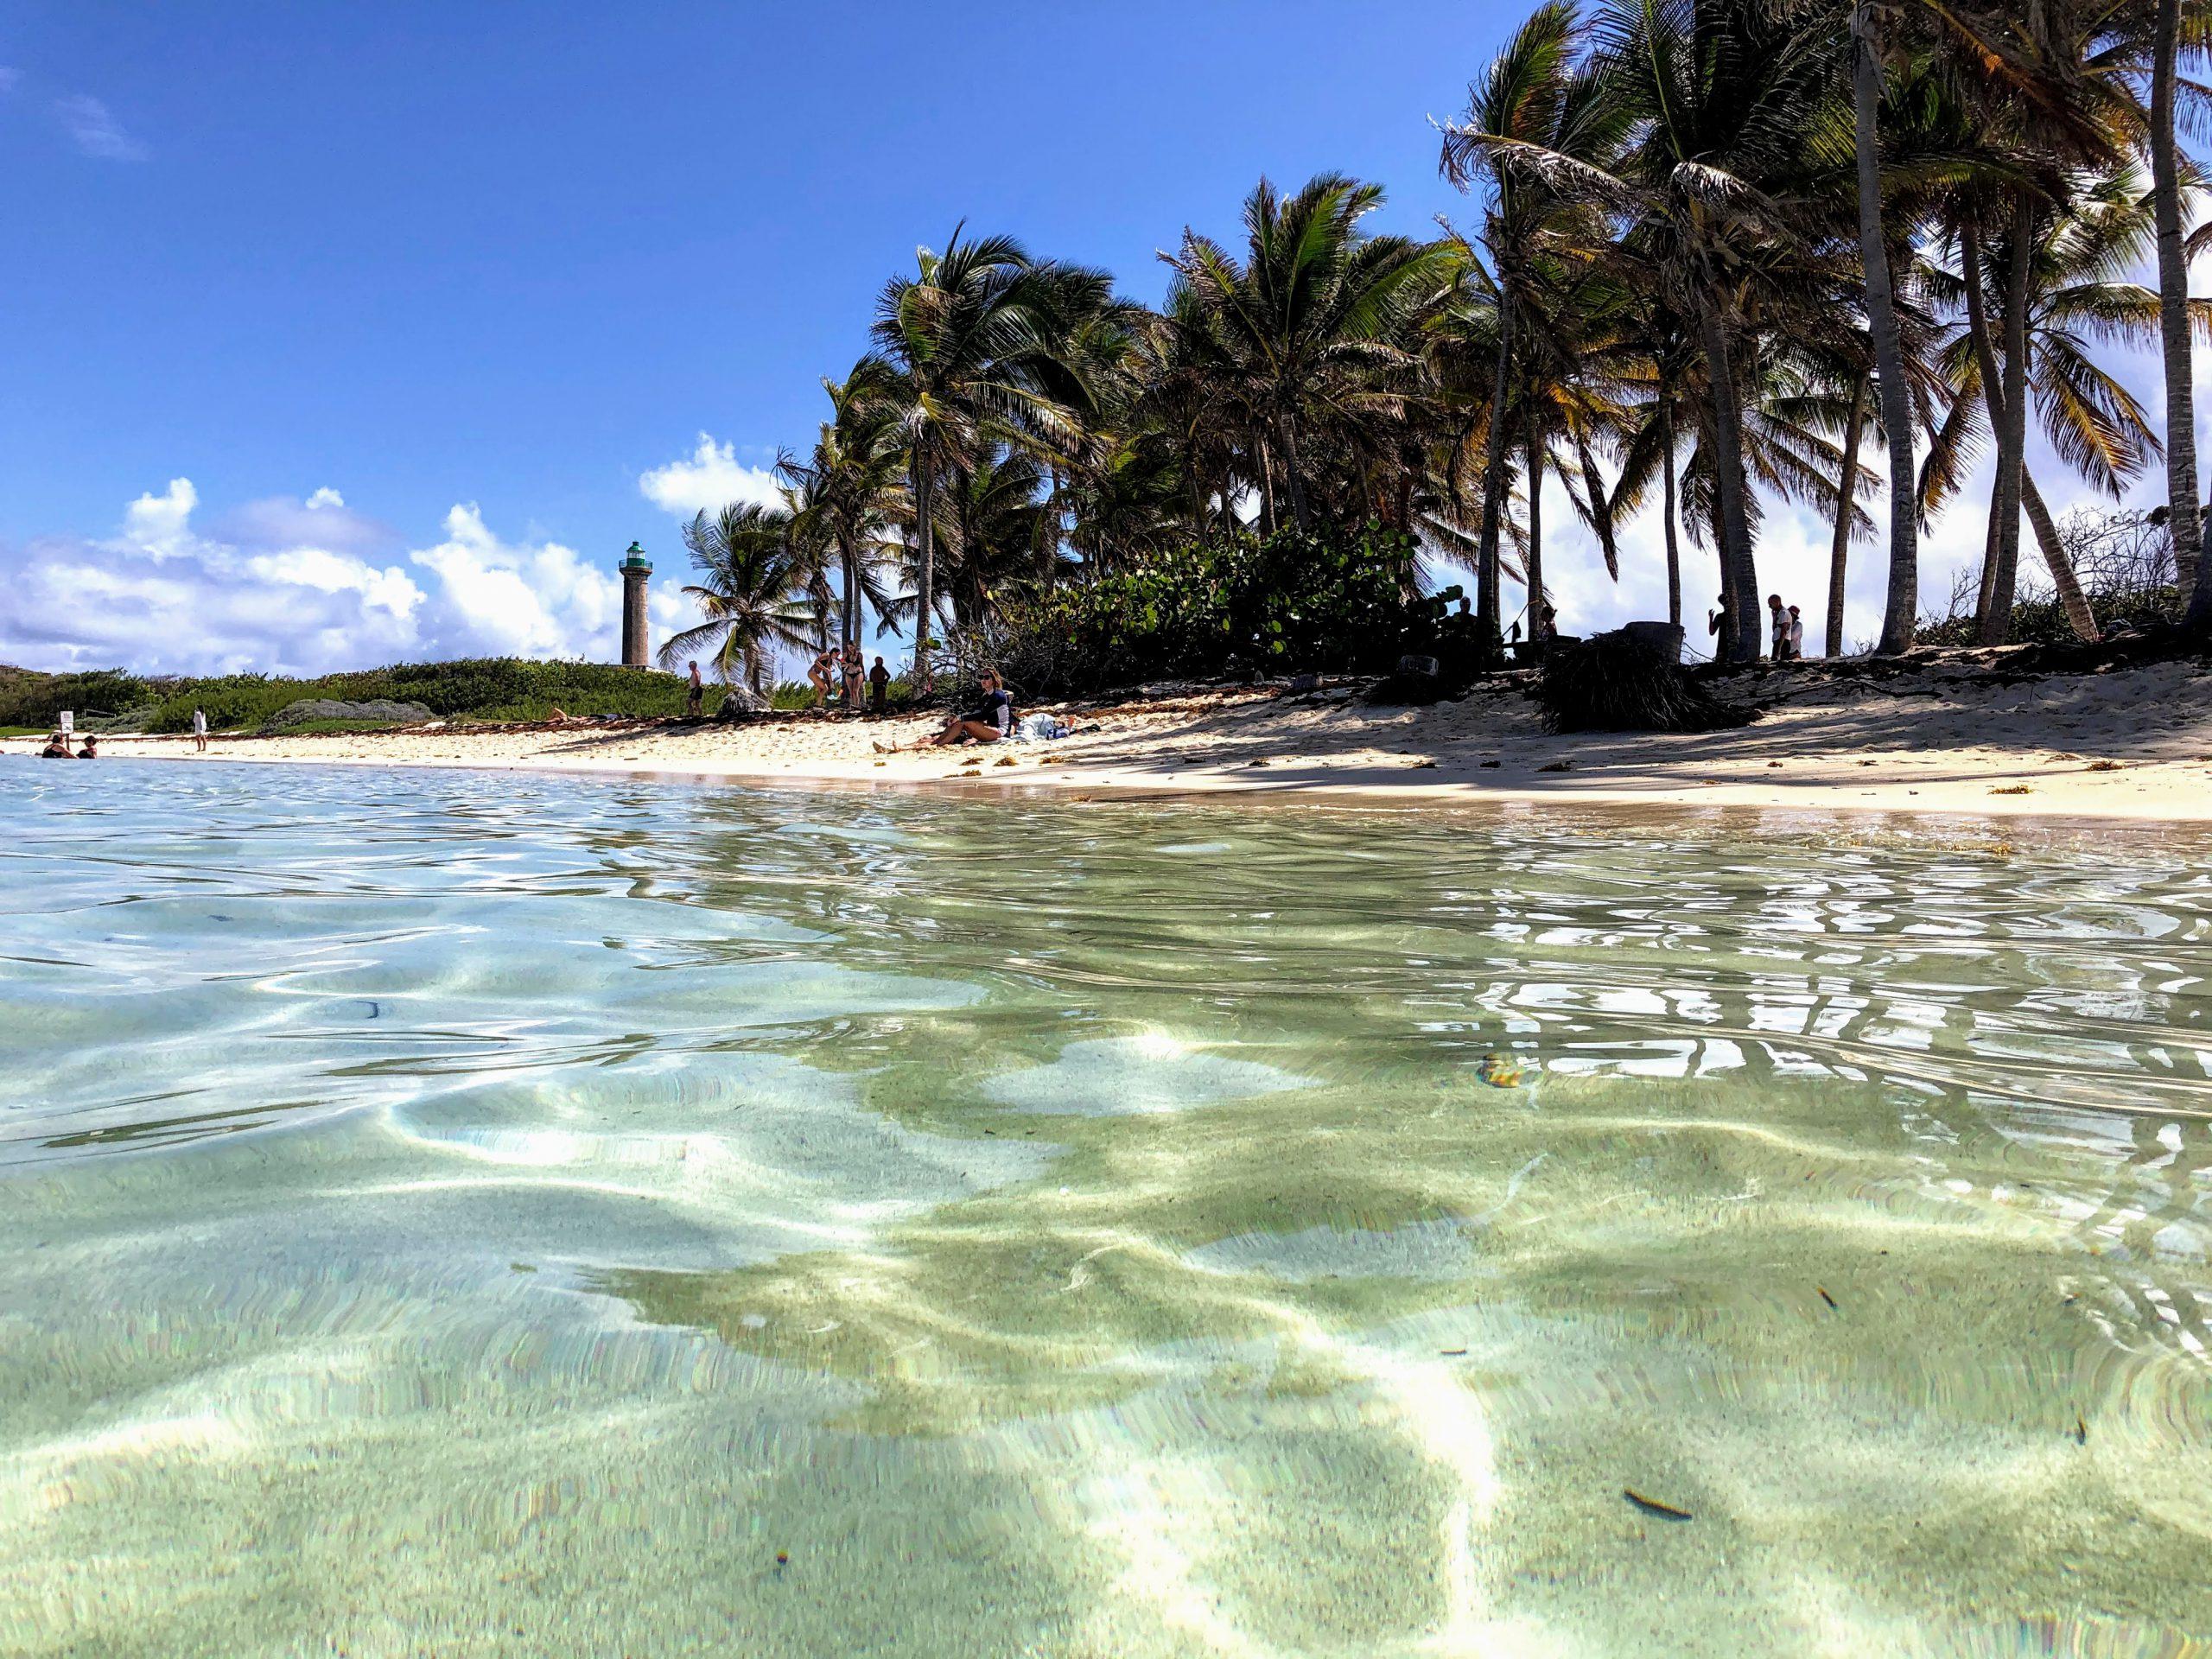 Petite-Terre, son lagon, sa plage, sa cocoteraie, son phare, sa réserve naturelle (crédit WebAndSea.net)